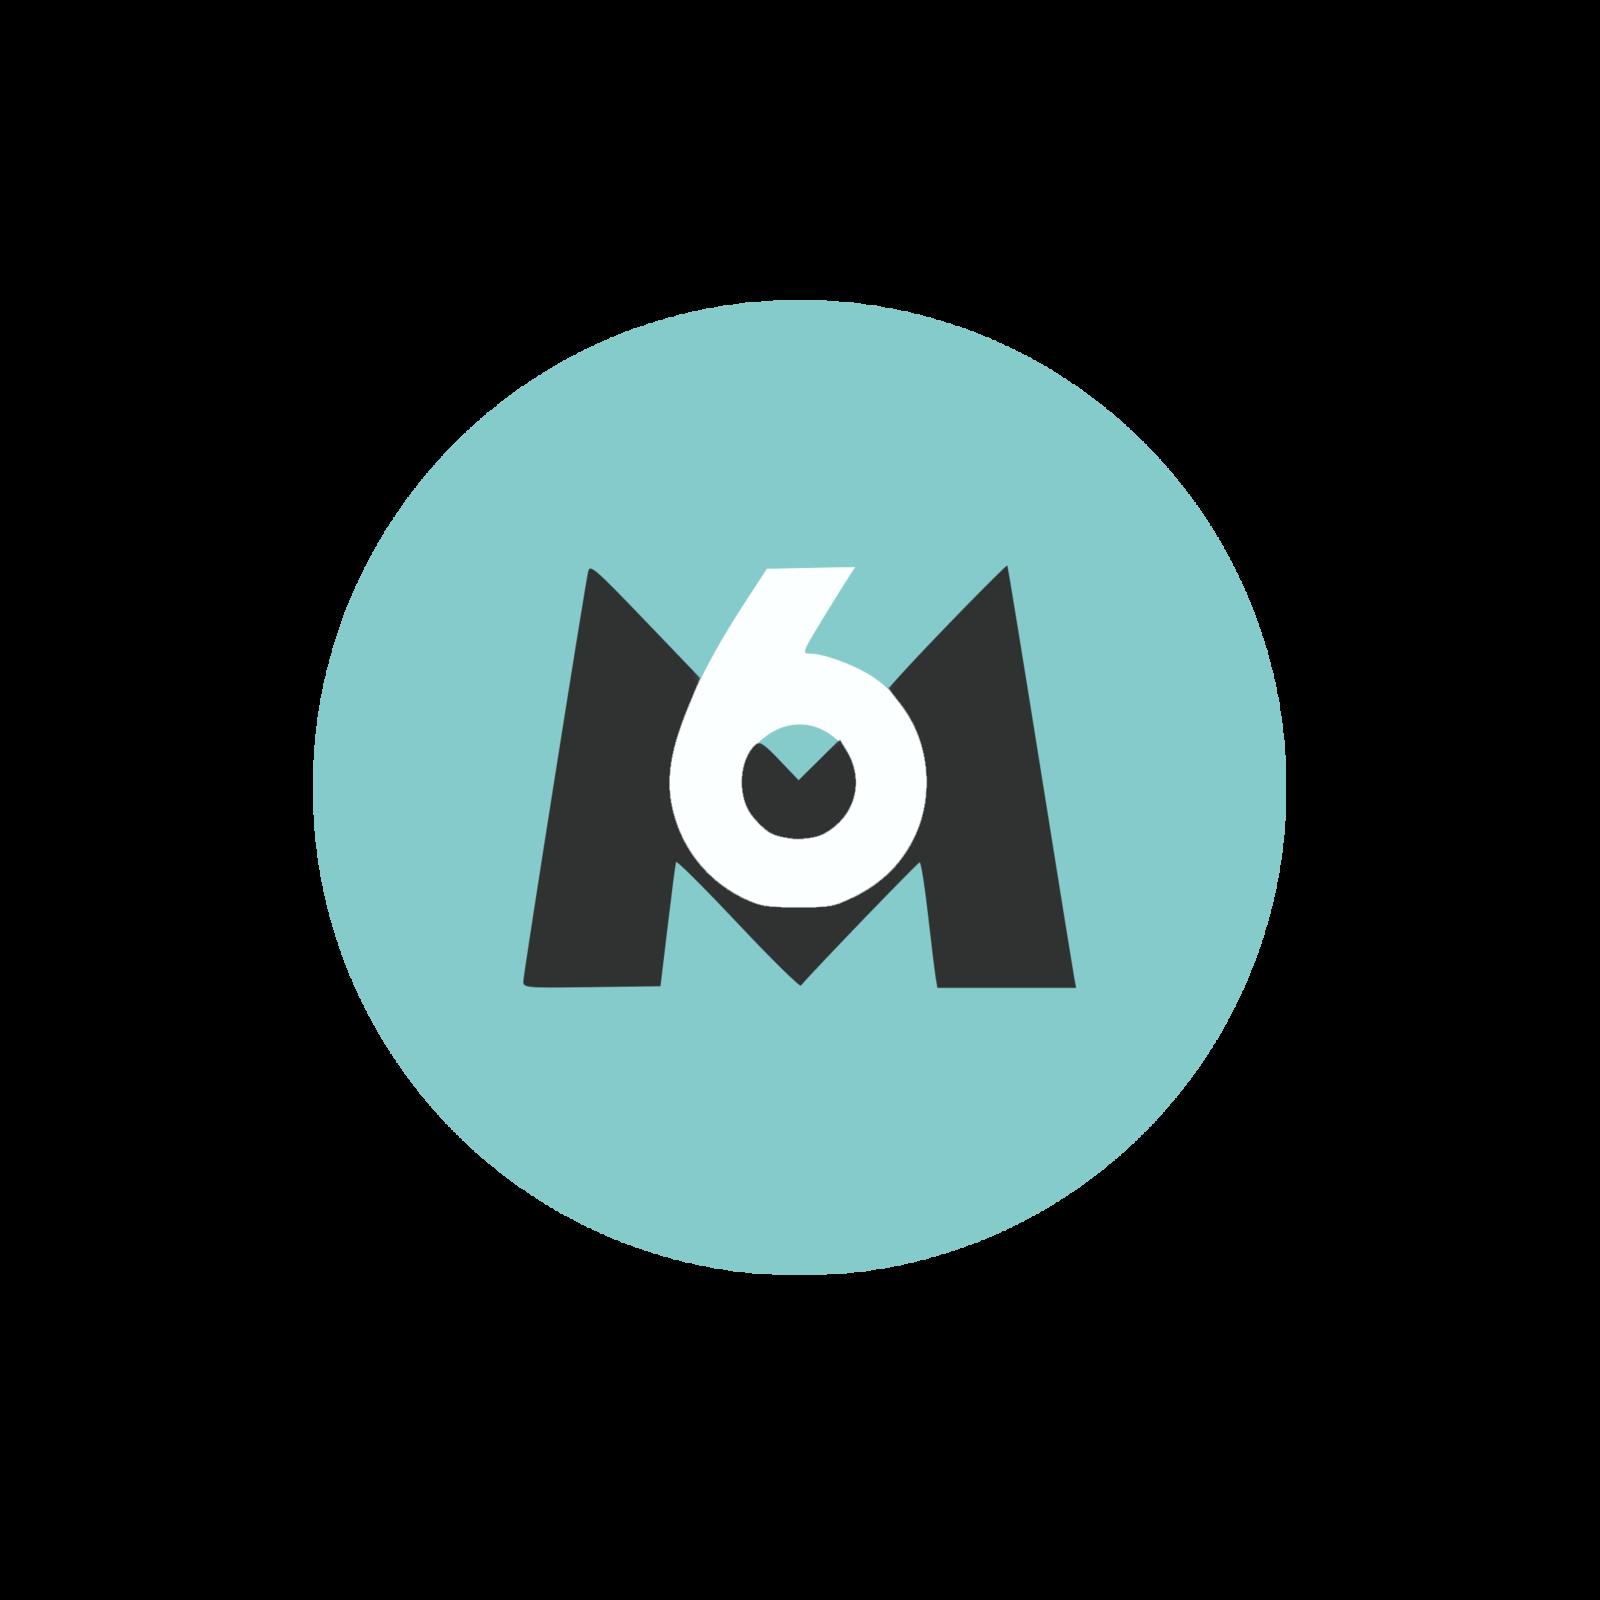 Nouveau film de marque pour M6, à l'occasion des 30 ans de la chaîne (Vidéo).